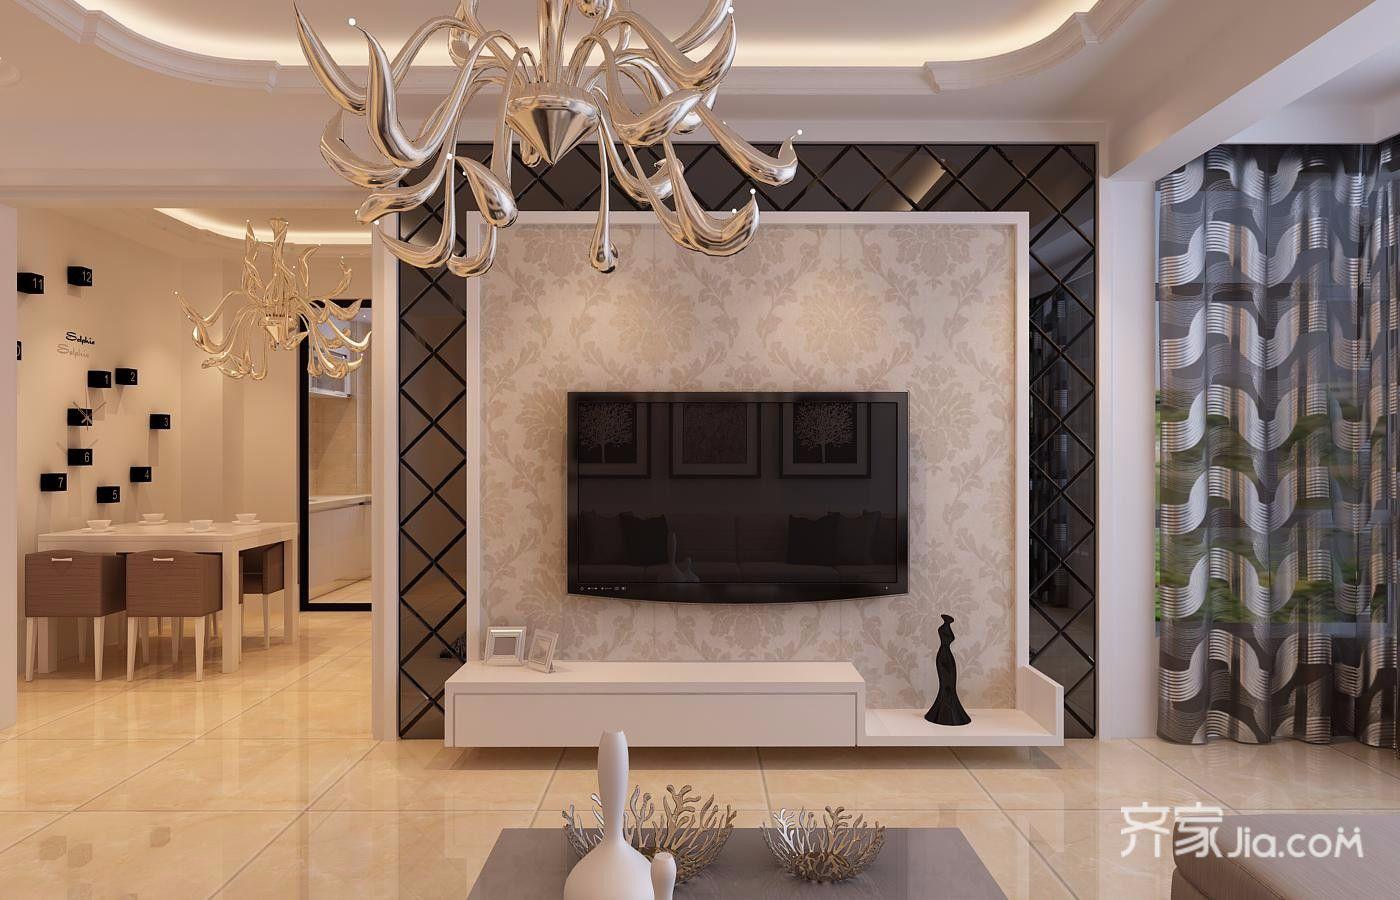 80平米现代简约风格装修电视背景墙图片